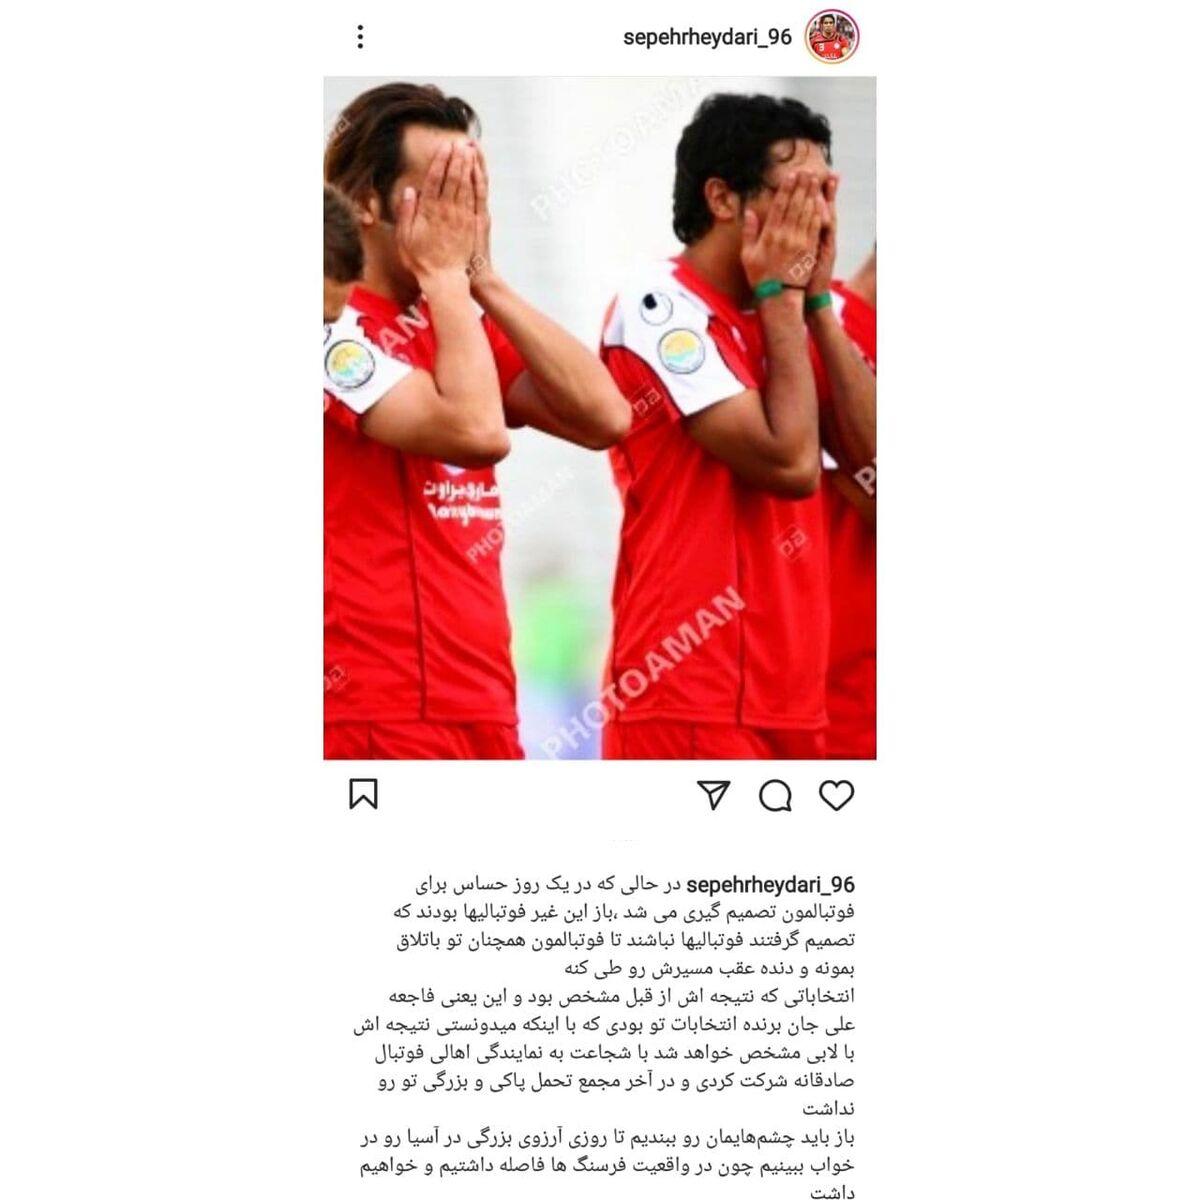 برنده انتخابات فدراسیون فوتبال از نگاه سپر حیدری